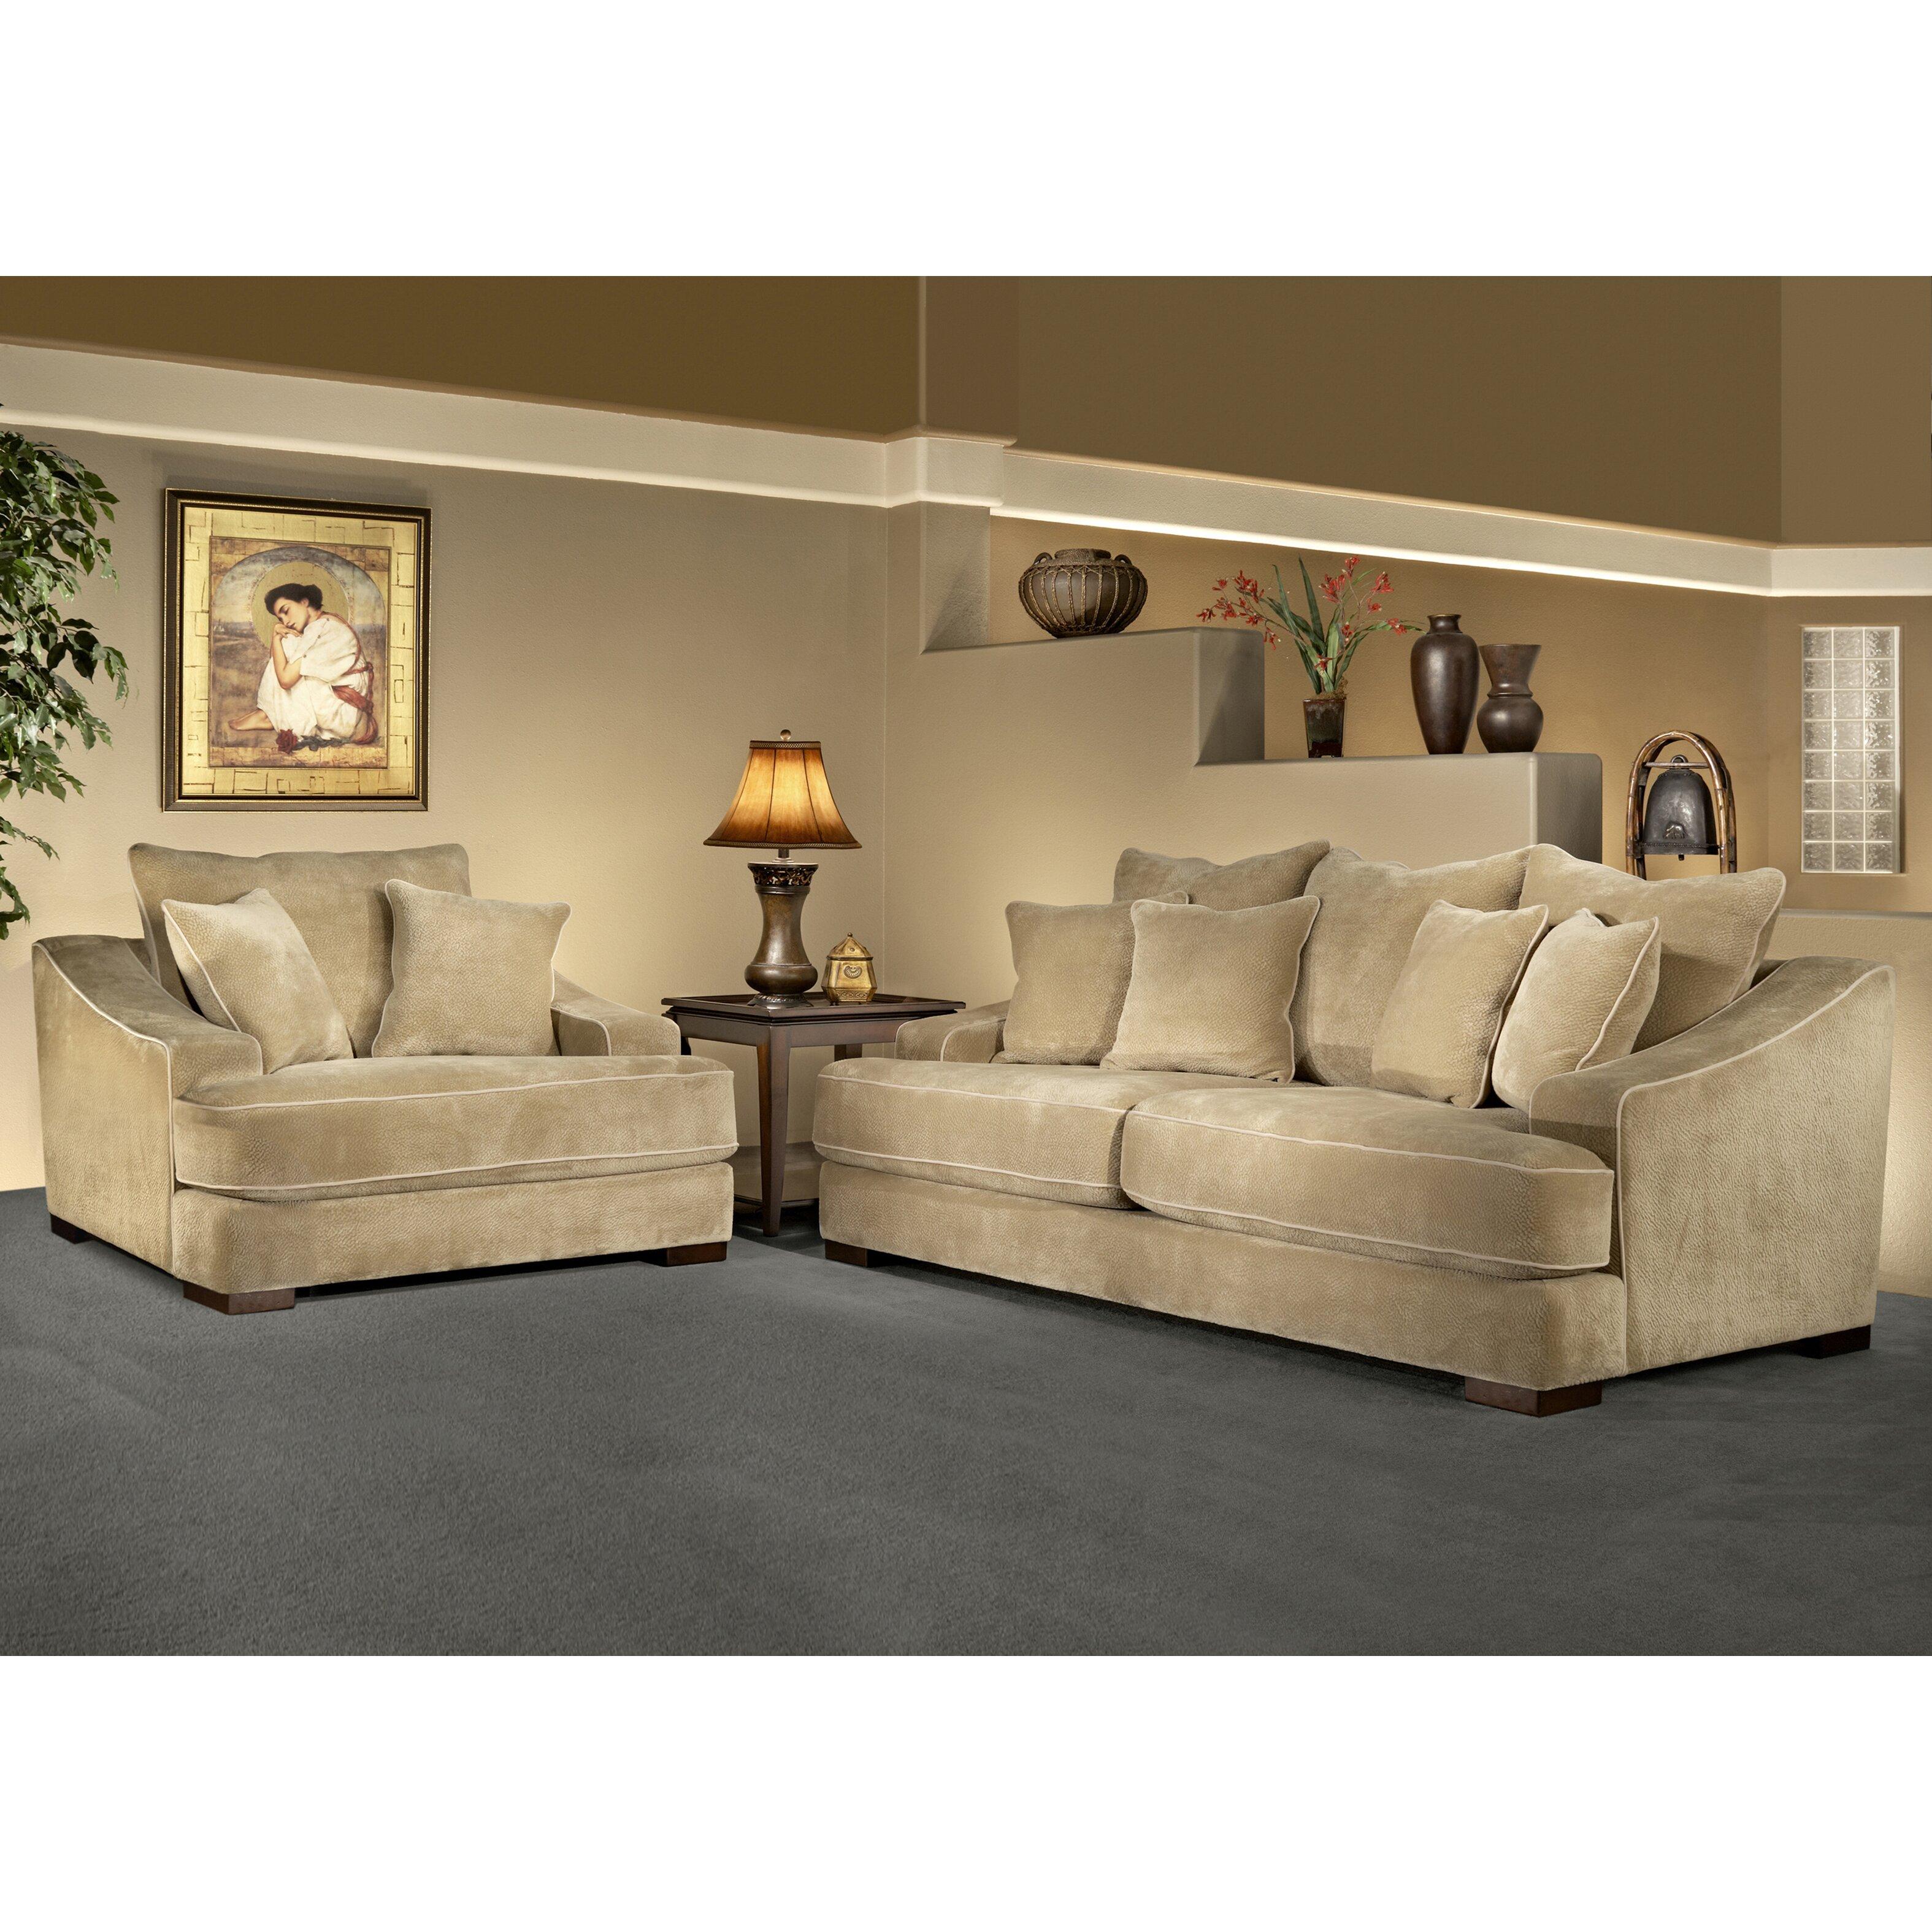 Sage avenue cameron 2 piece sofa set reviews wayfair for 2 piece sofa set